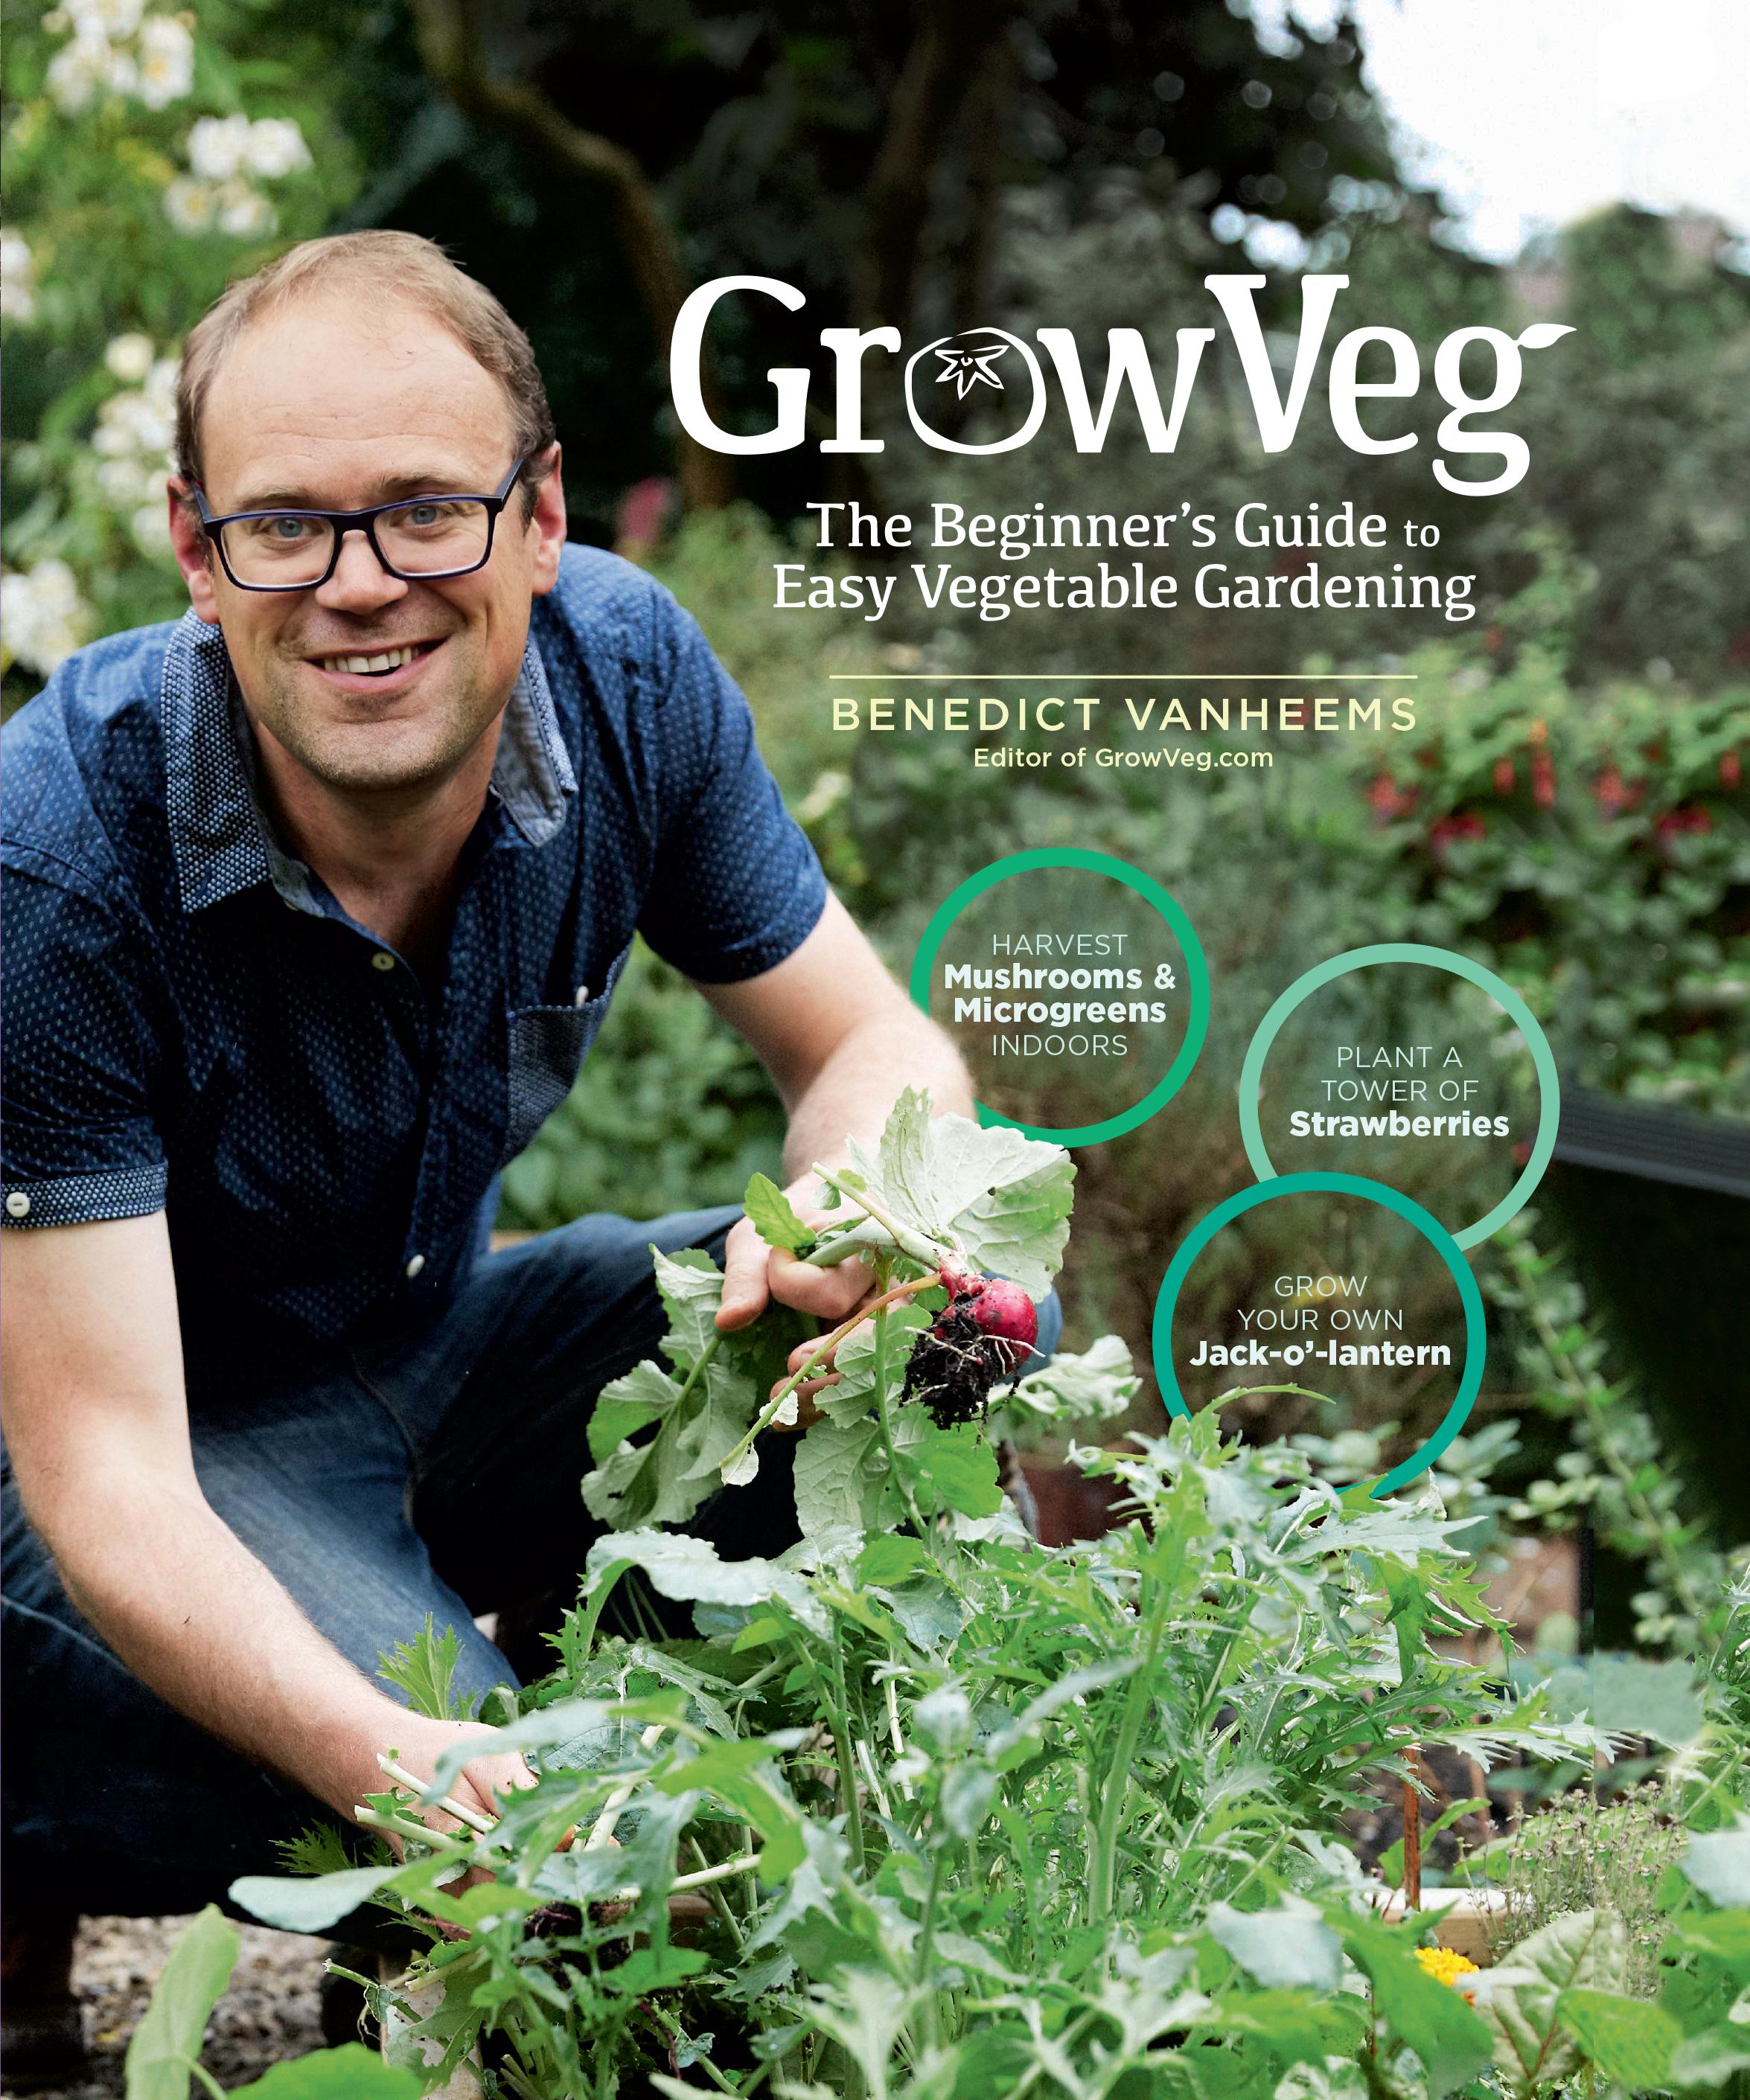 GrowVeg The Beginner's Guide to Easy Vegetable Gardening - Benedict Vanheems